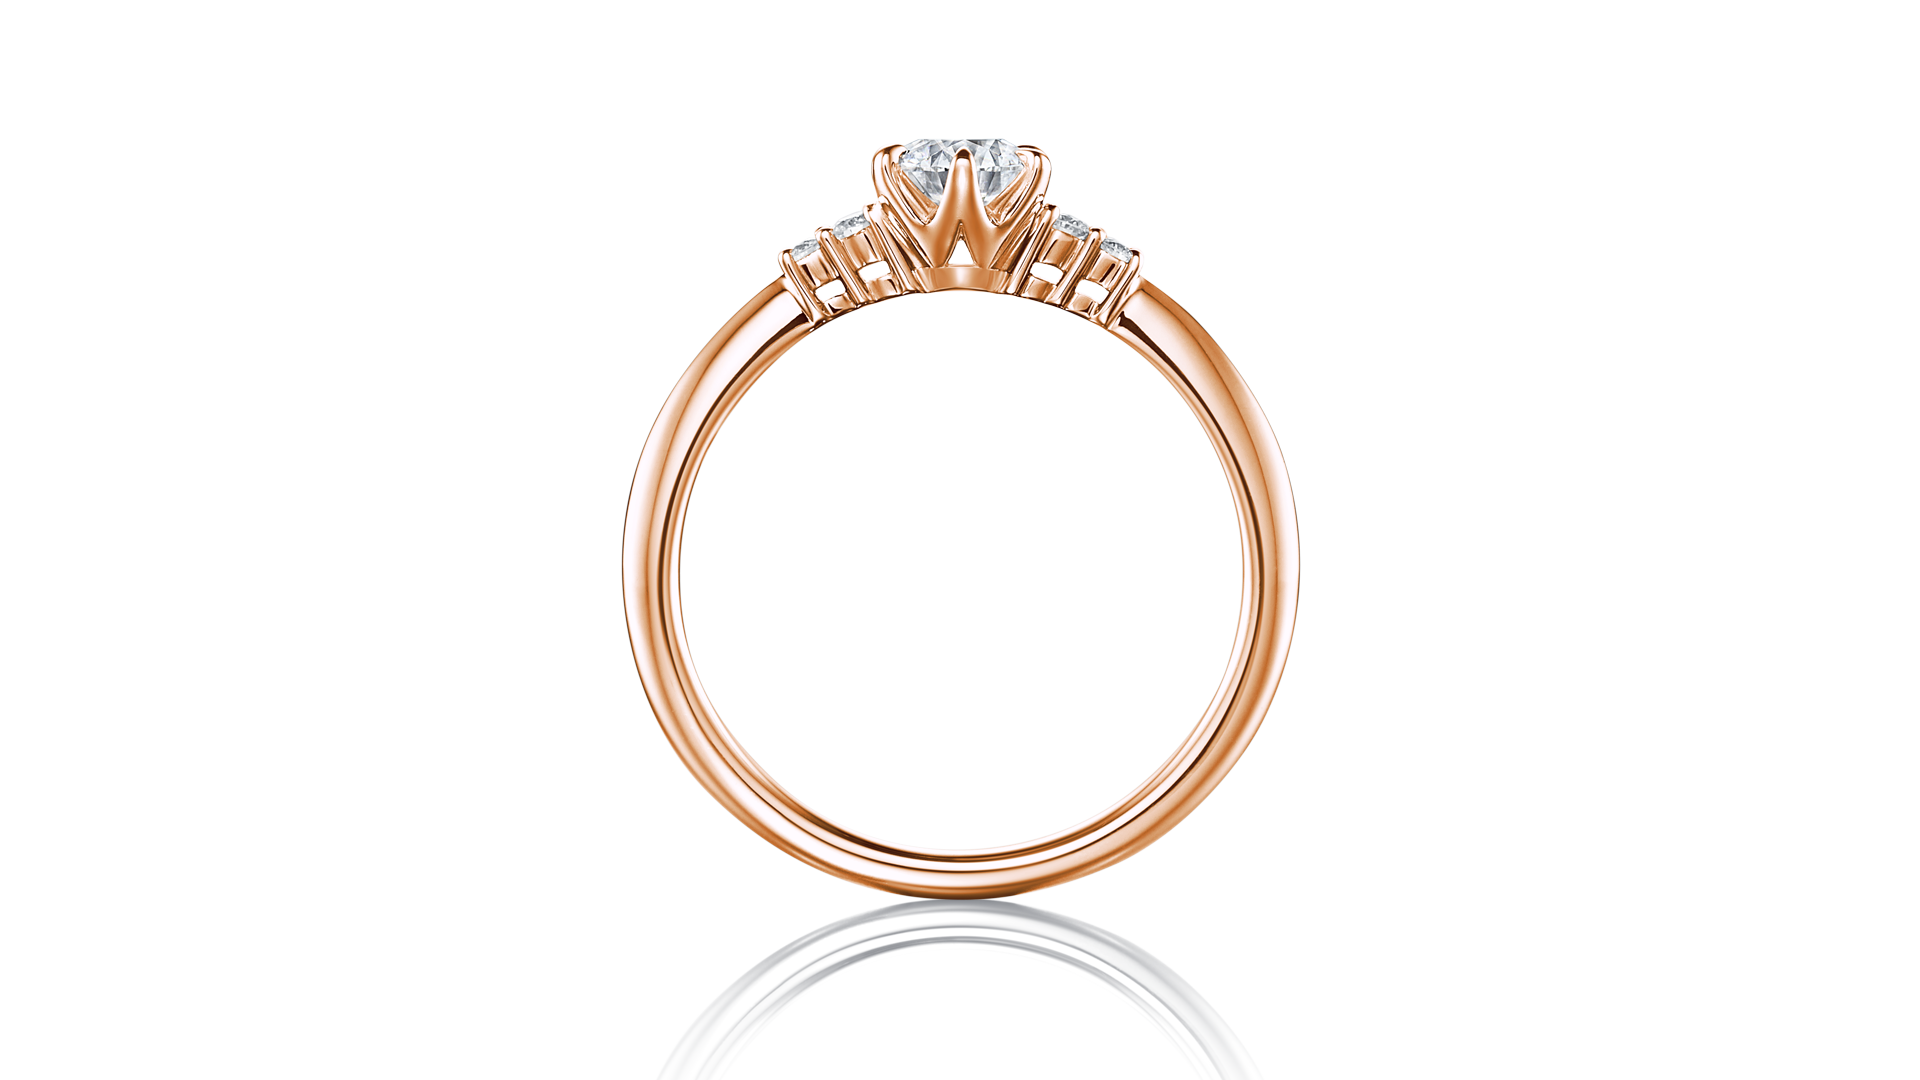 orion オリオン | 婚約指輪サムネイル 2